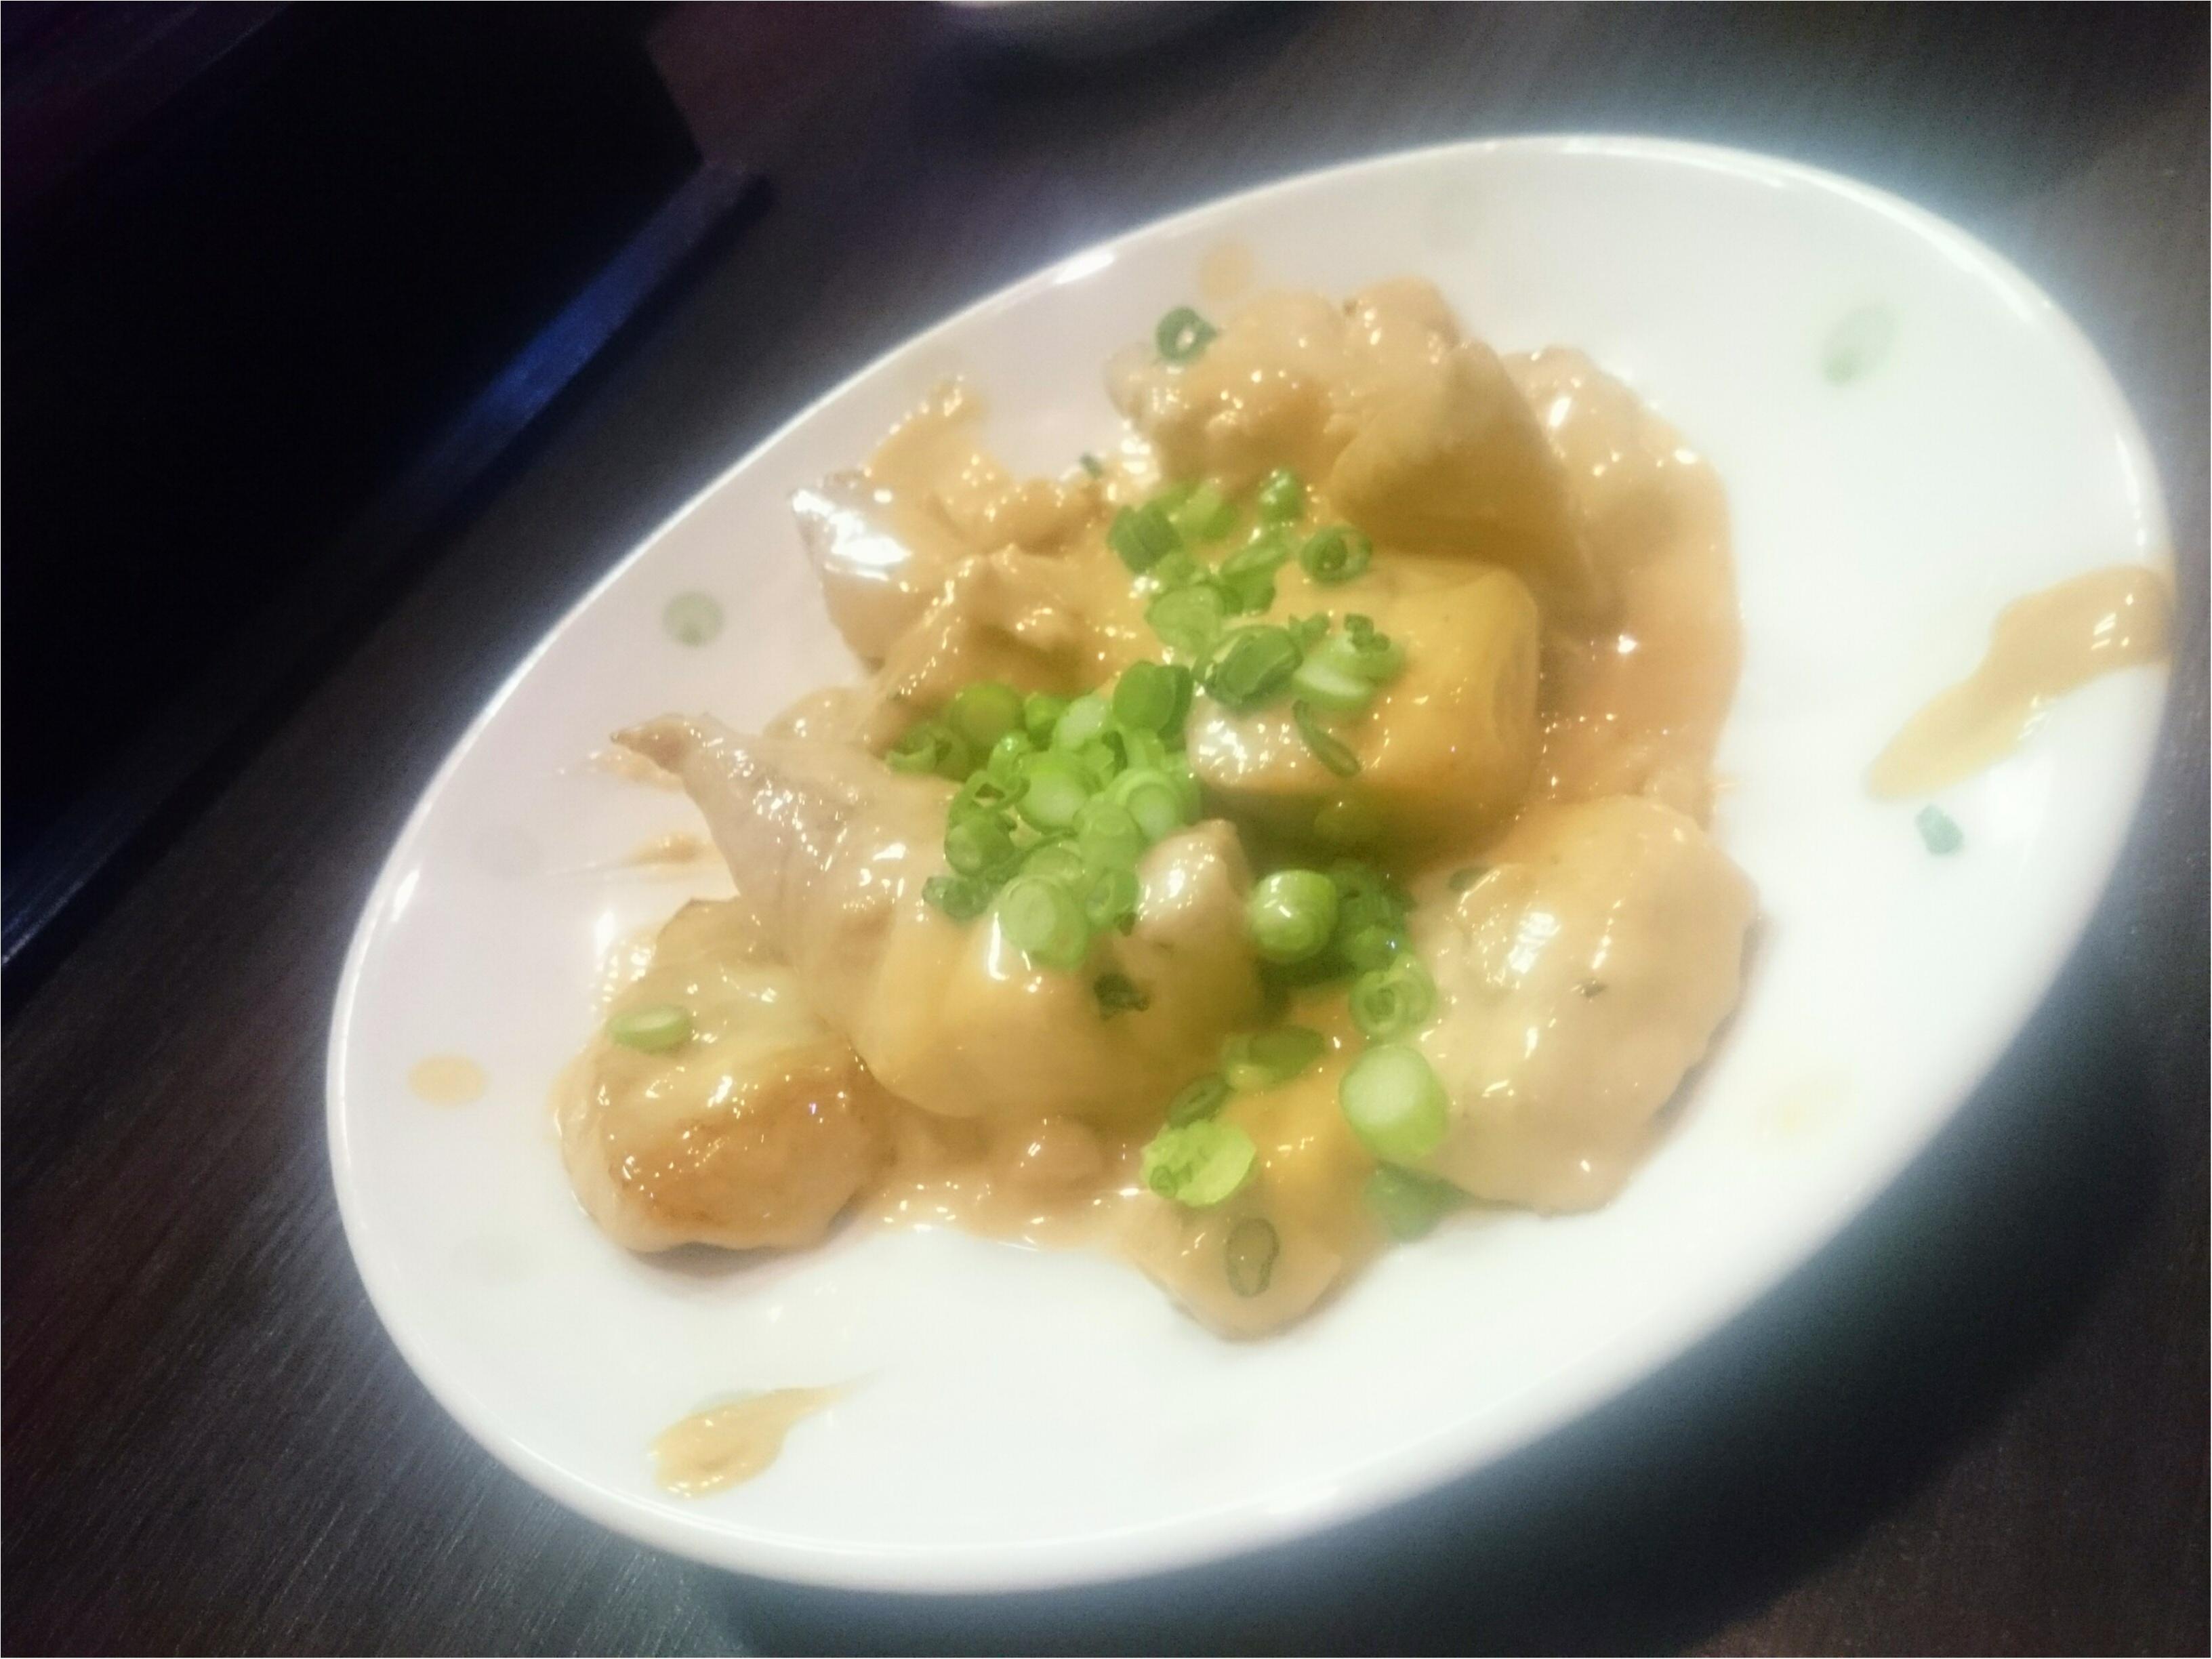 吉祥寺で海鮮丼を食べるならハモニカ横丁の【まぐろのなかだや】が断然おすすめ_7